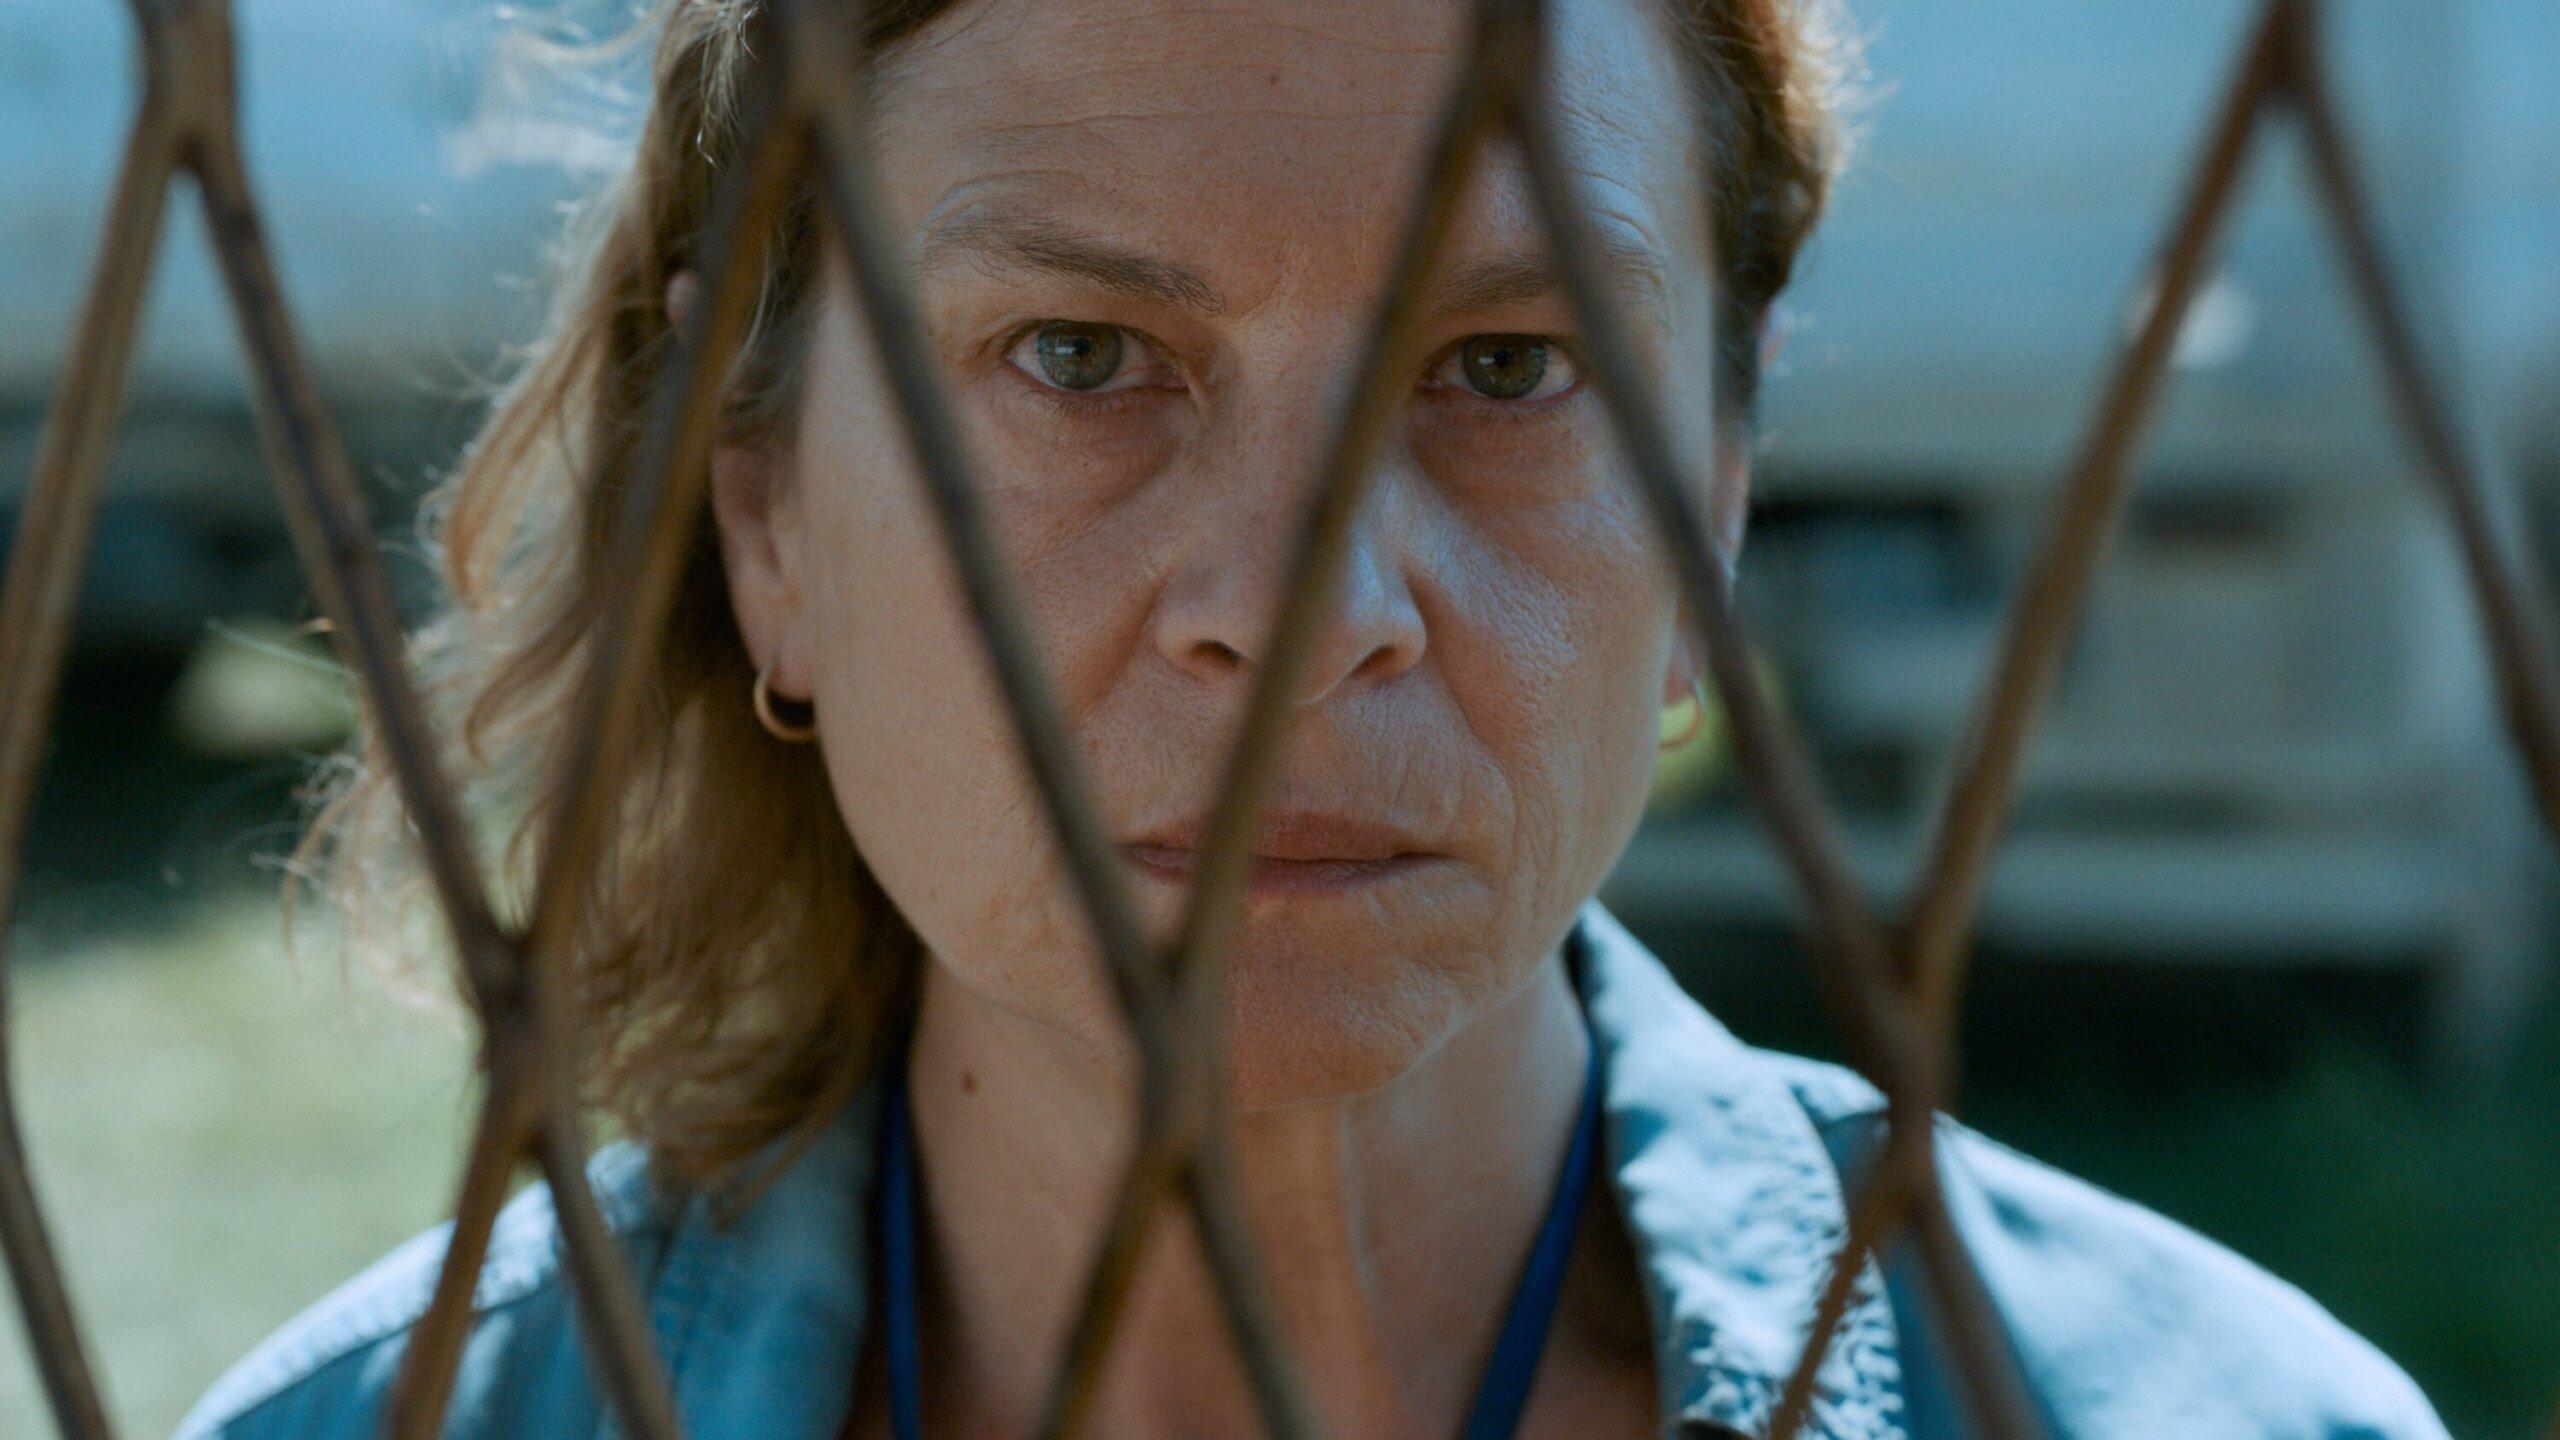 Cena do filme Quo Vadis, Aida?. Nela vemos a personagem principal atrás de uma grade, com um close no rosto. Ela é uma mulher branca e tem um olhar raivoso e preocupado.